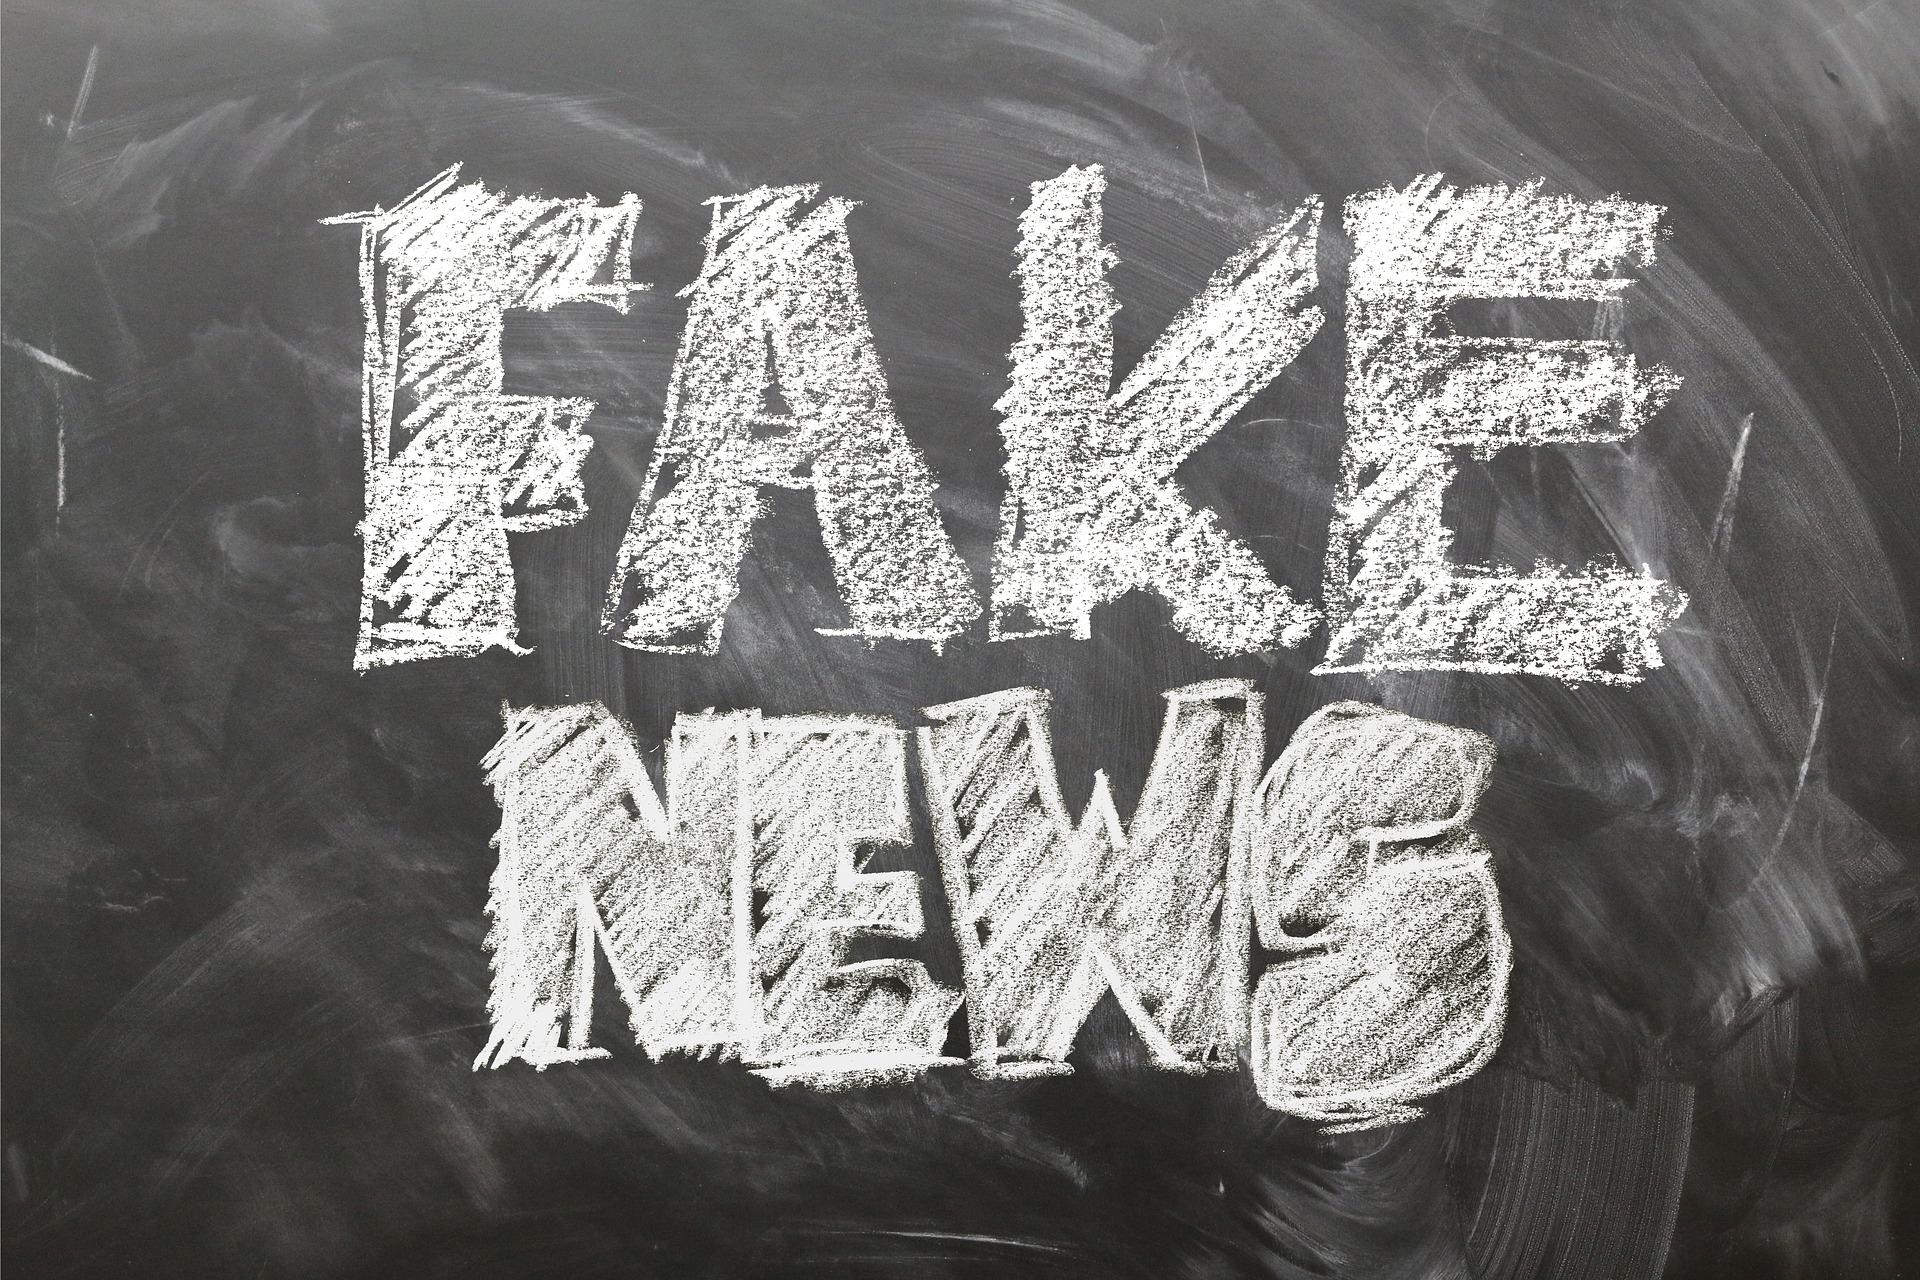 Obrázek: Lidé nečtou a sdílí lživé články kvůli chytlavým nadpisům: Twitter experimentuje s funkcí, která to má změnit